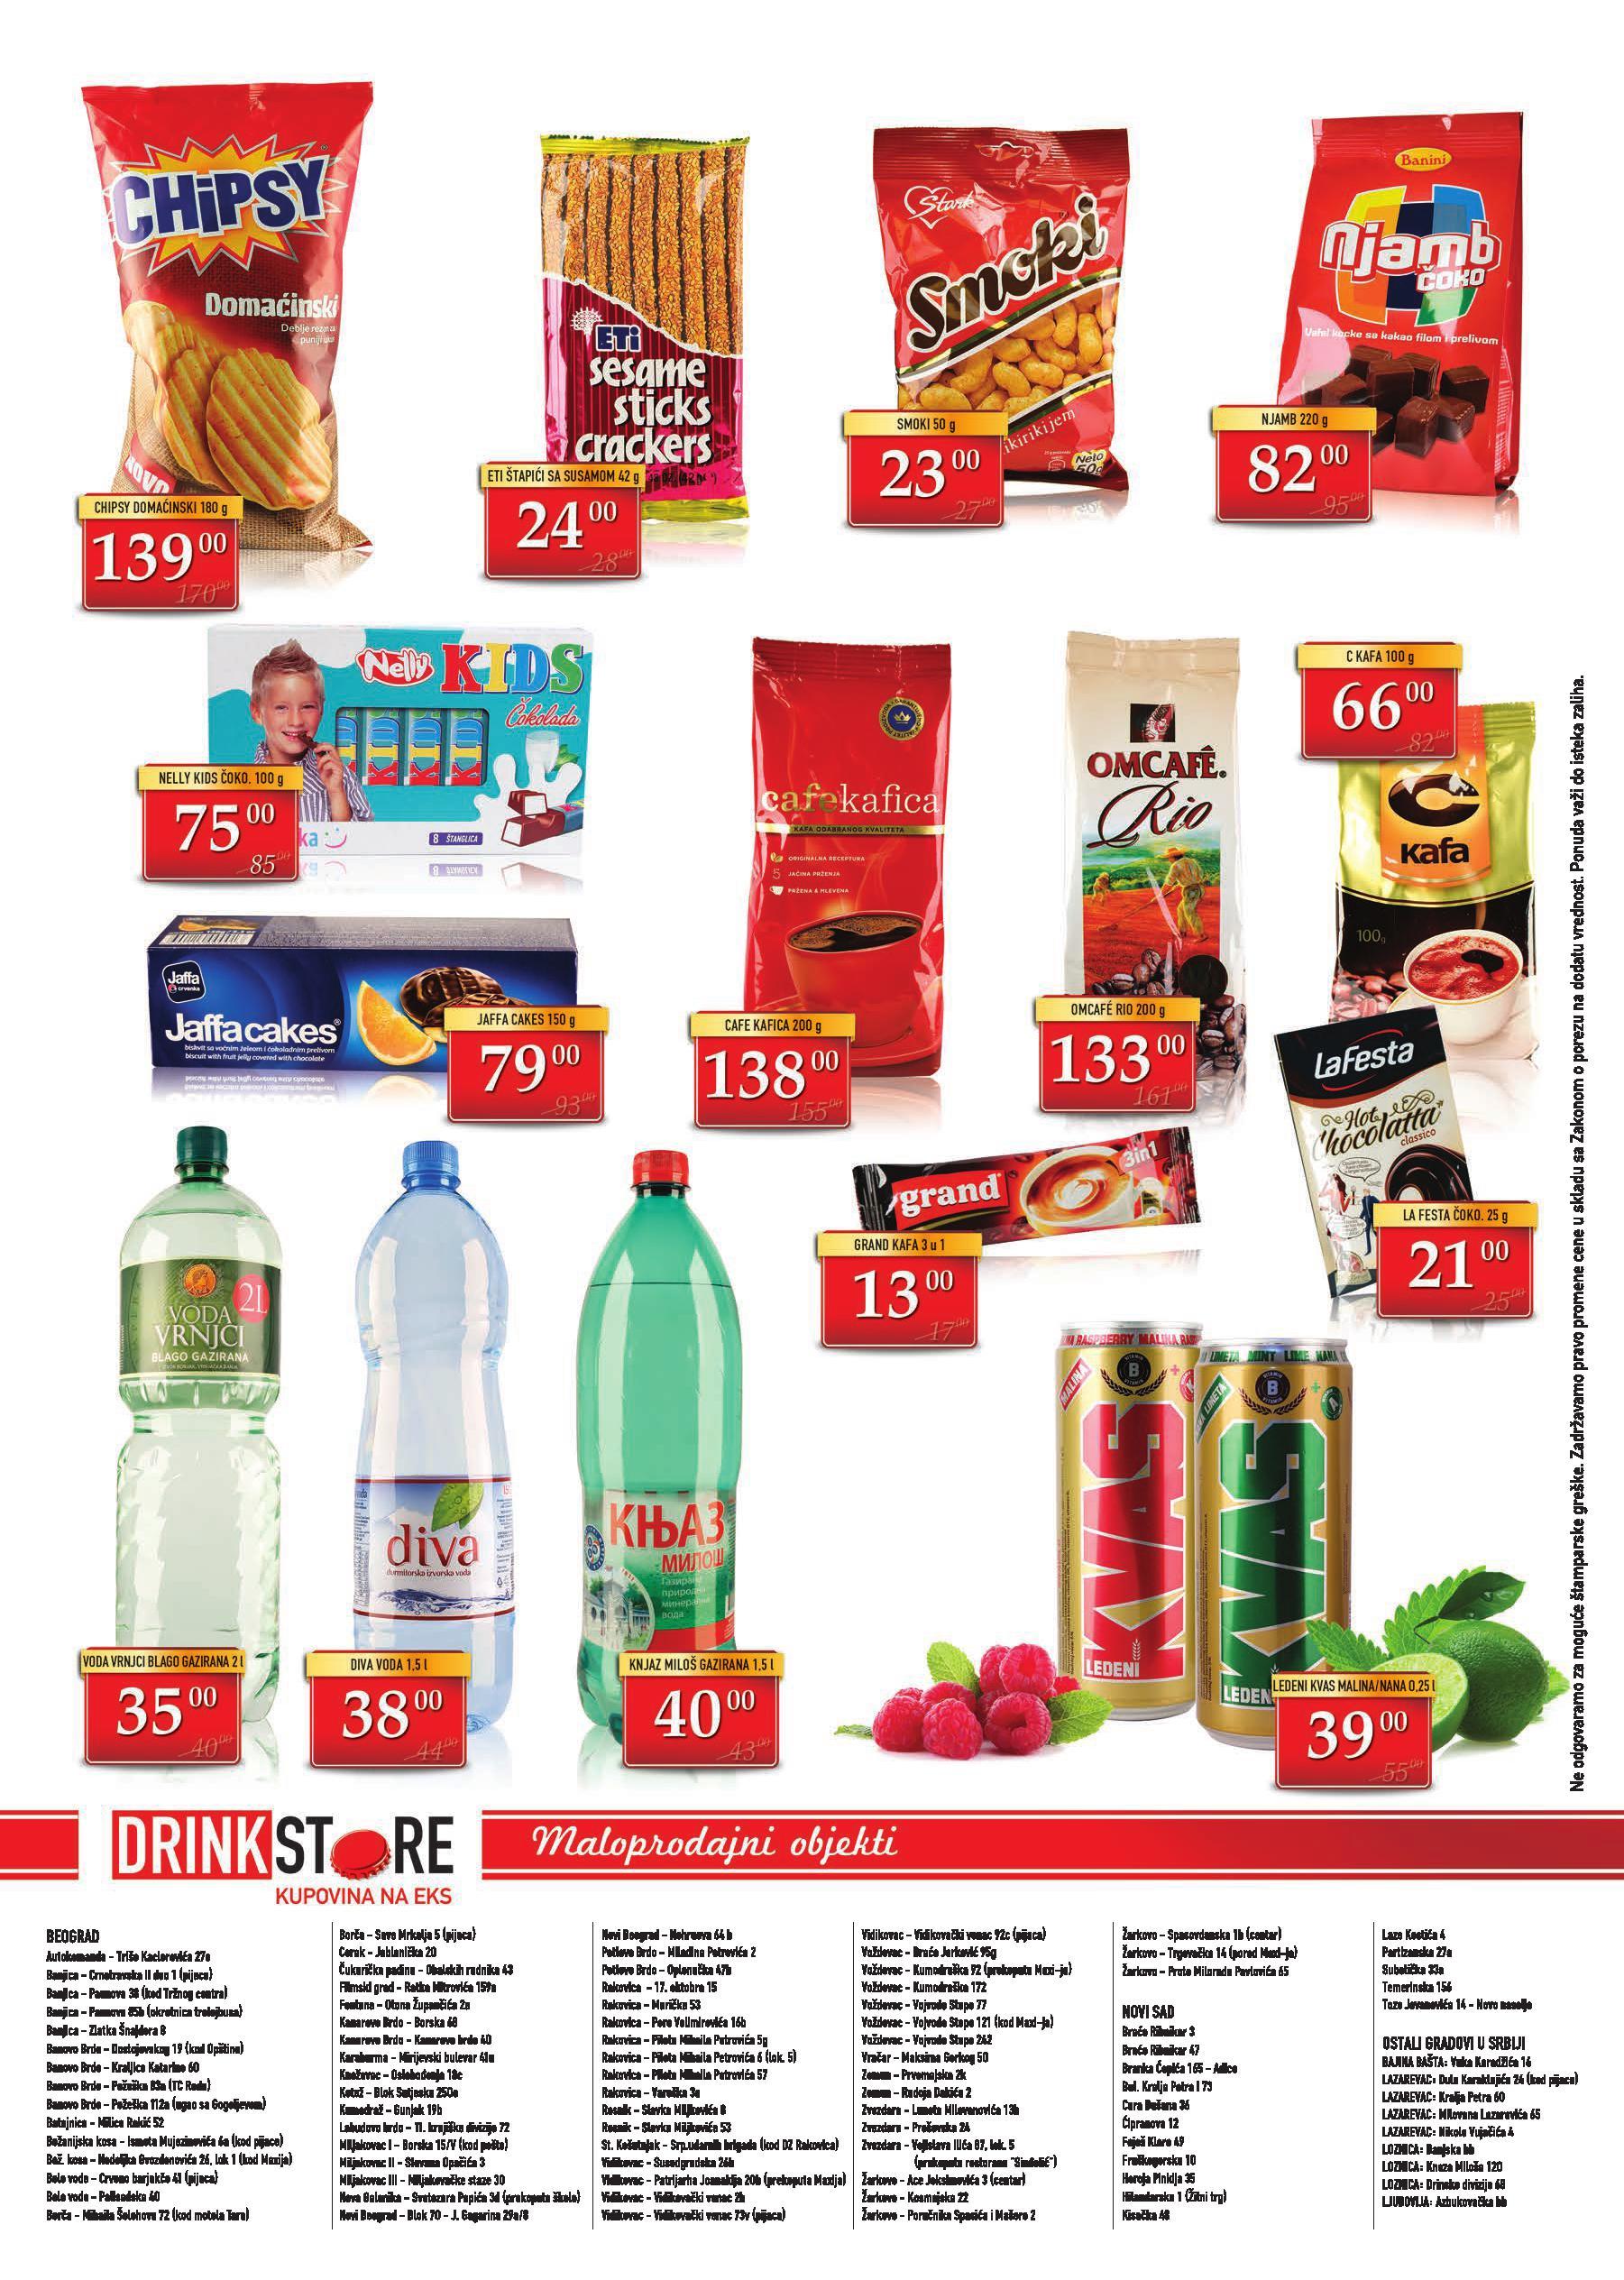 Drink Store akcija super ponuda pića